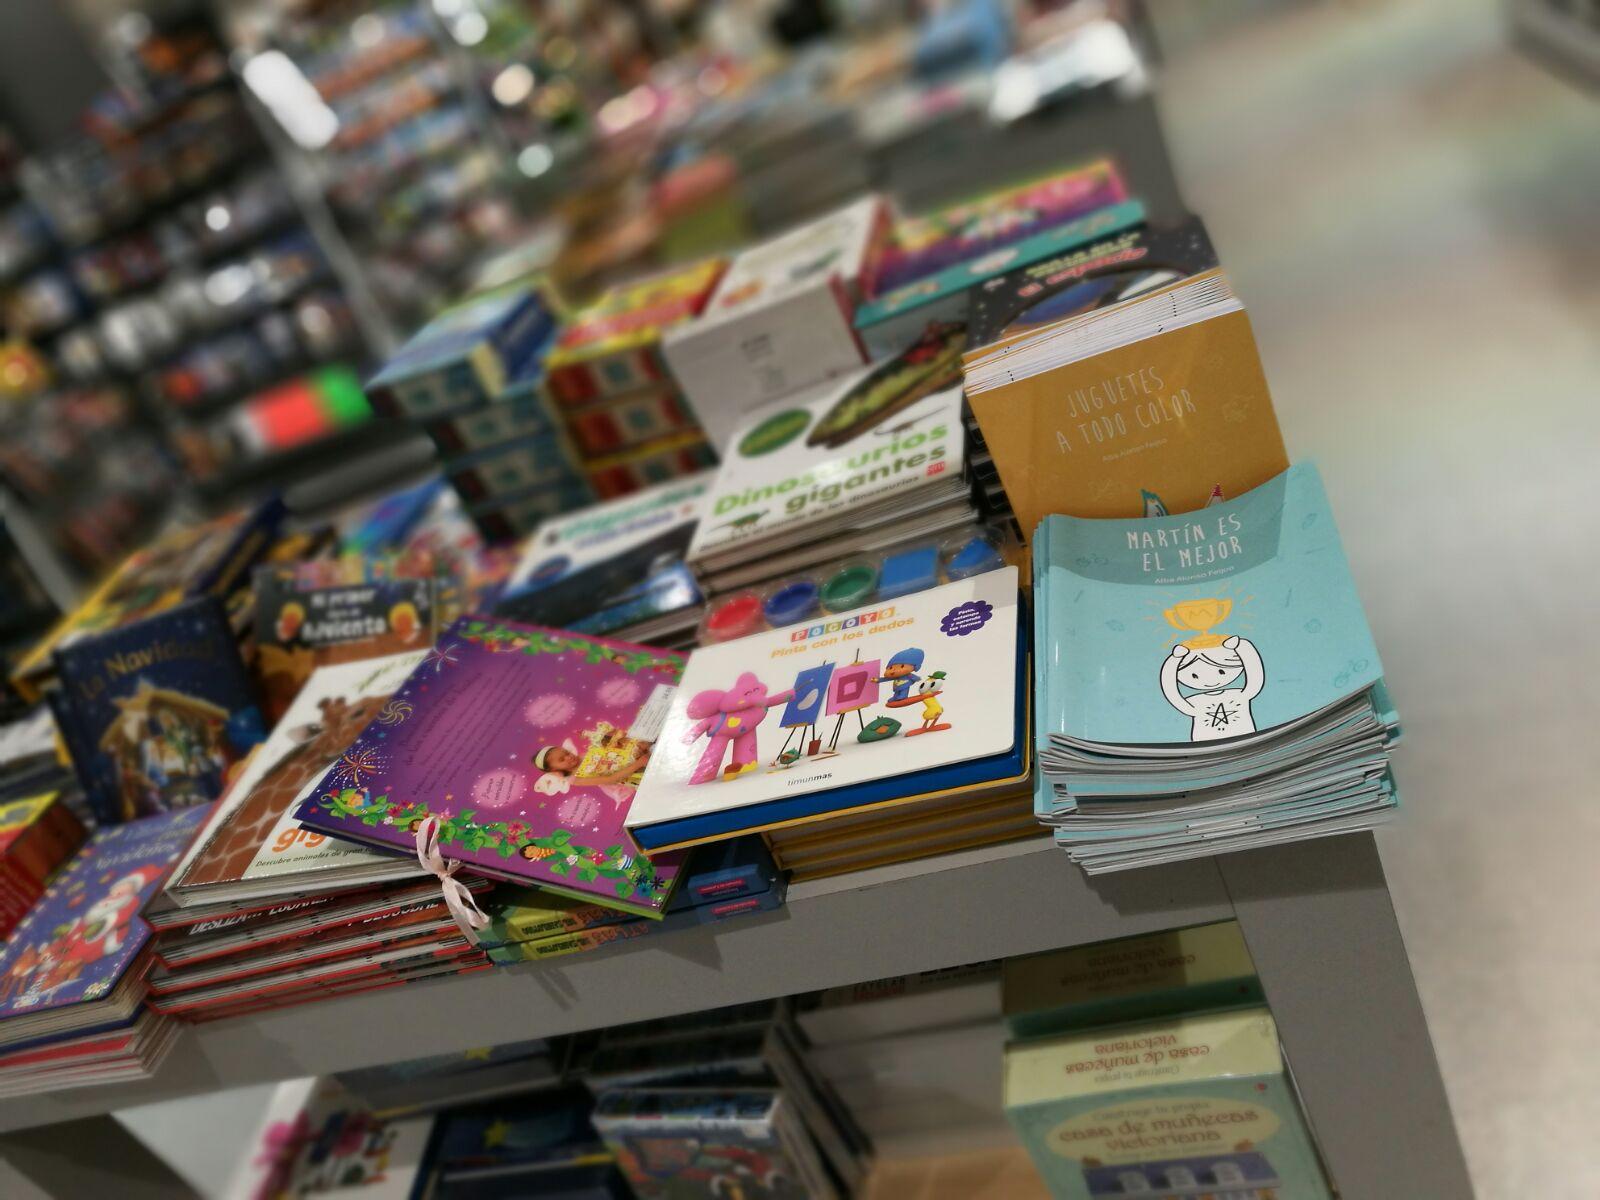 juguetes rosas o azules, martín es el mejor, libros, Realkiddys, el corteinglés